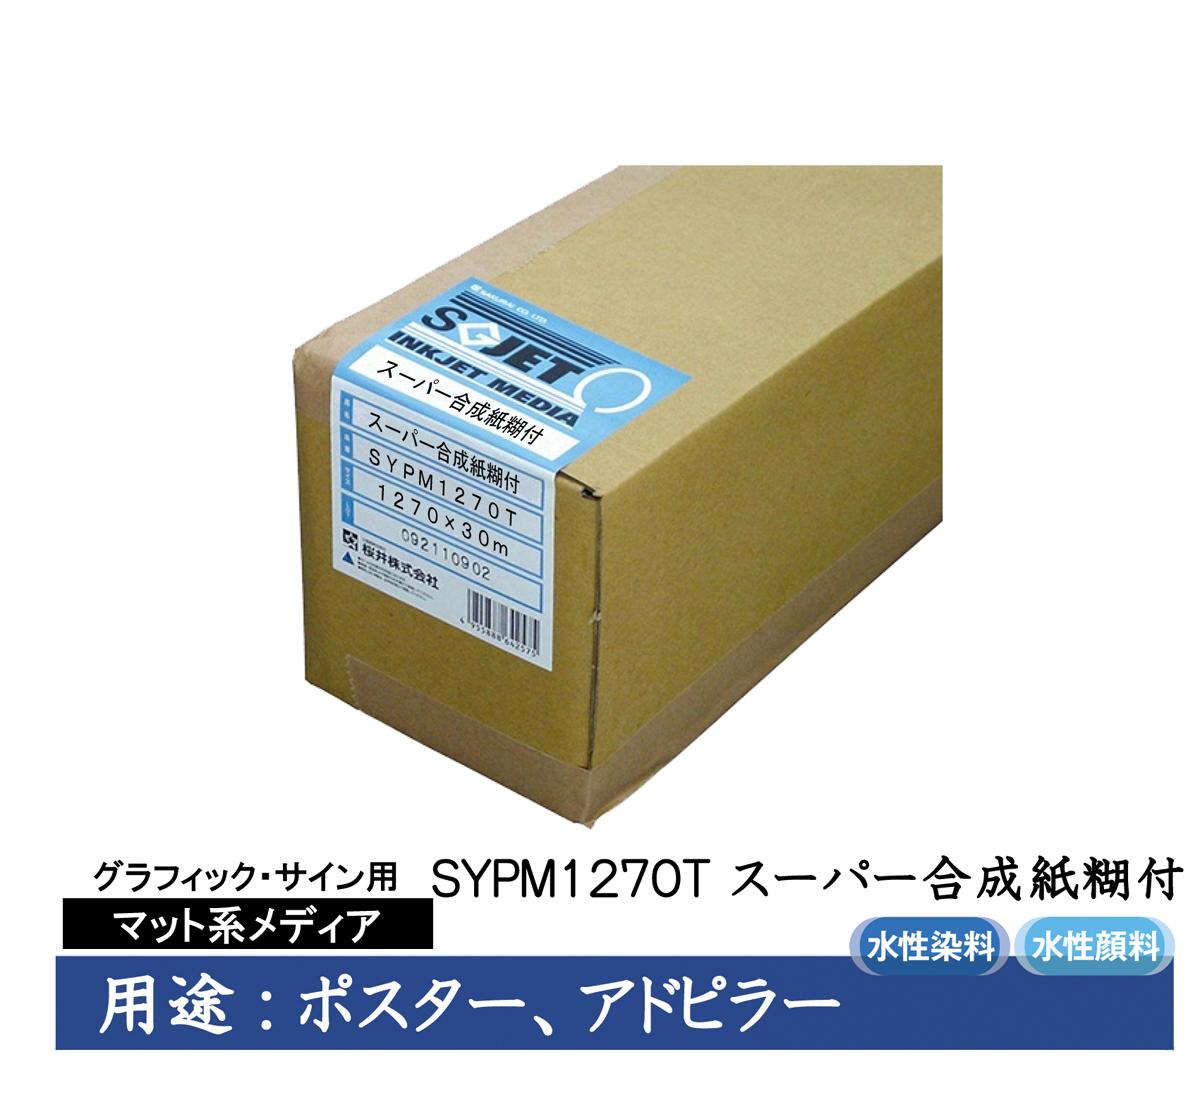 桜井 グラフィック・サイン用インクジェット用紙 スーパー合成紙糊付 1270mm×30m 3インチ 1本入 SYPM1270T